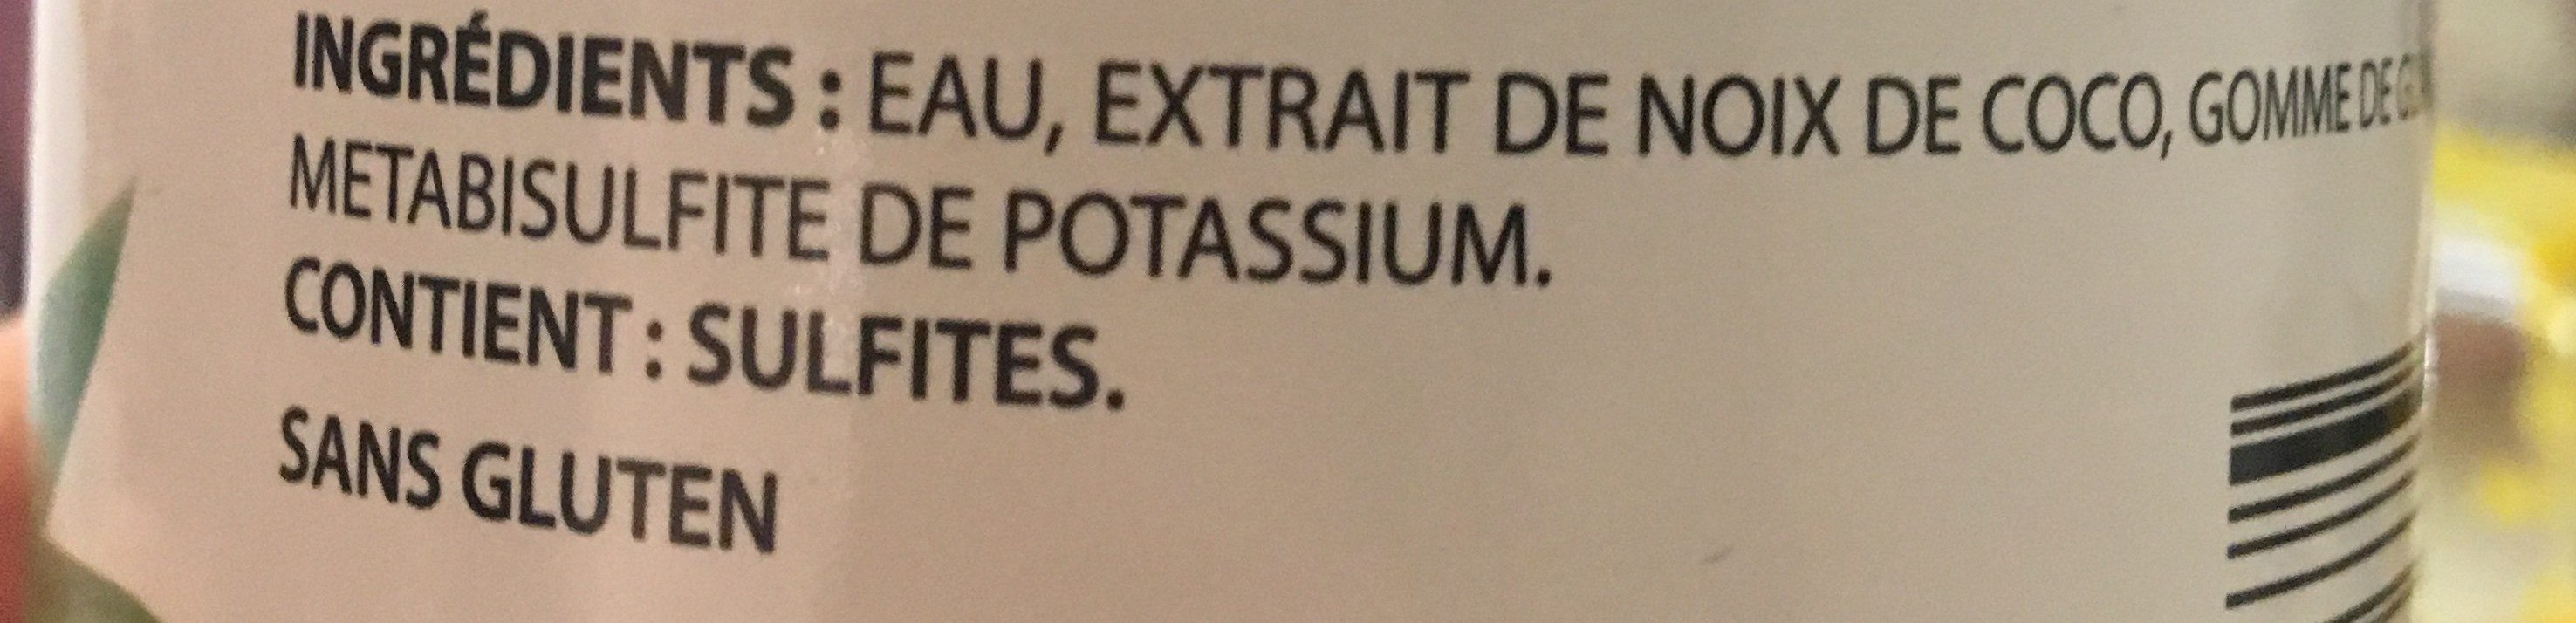 Lait de coco - Ingrédients - fr